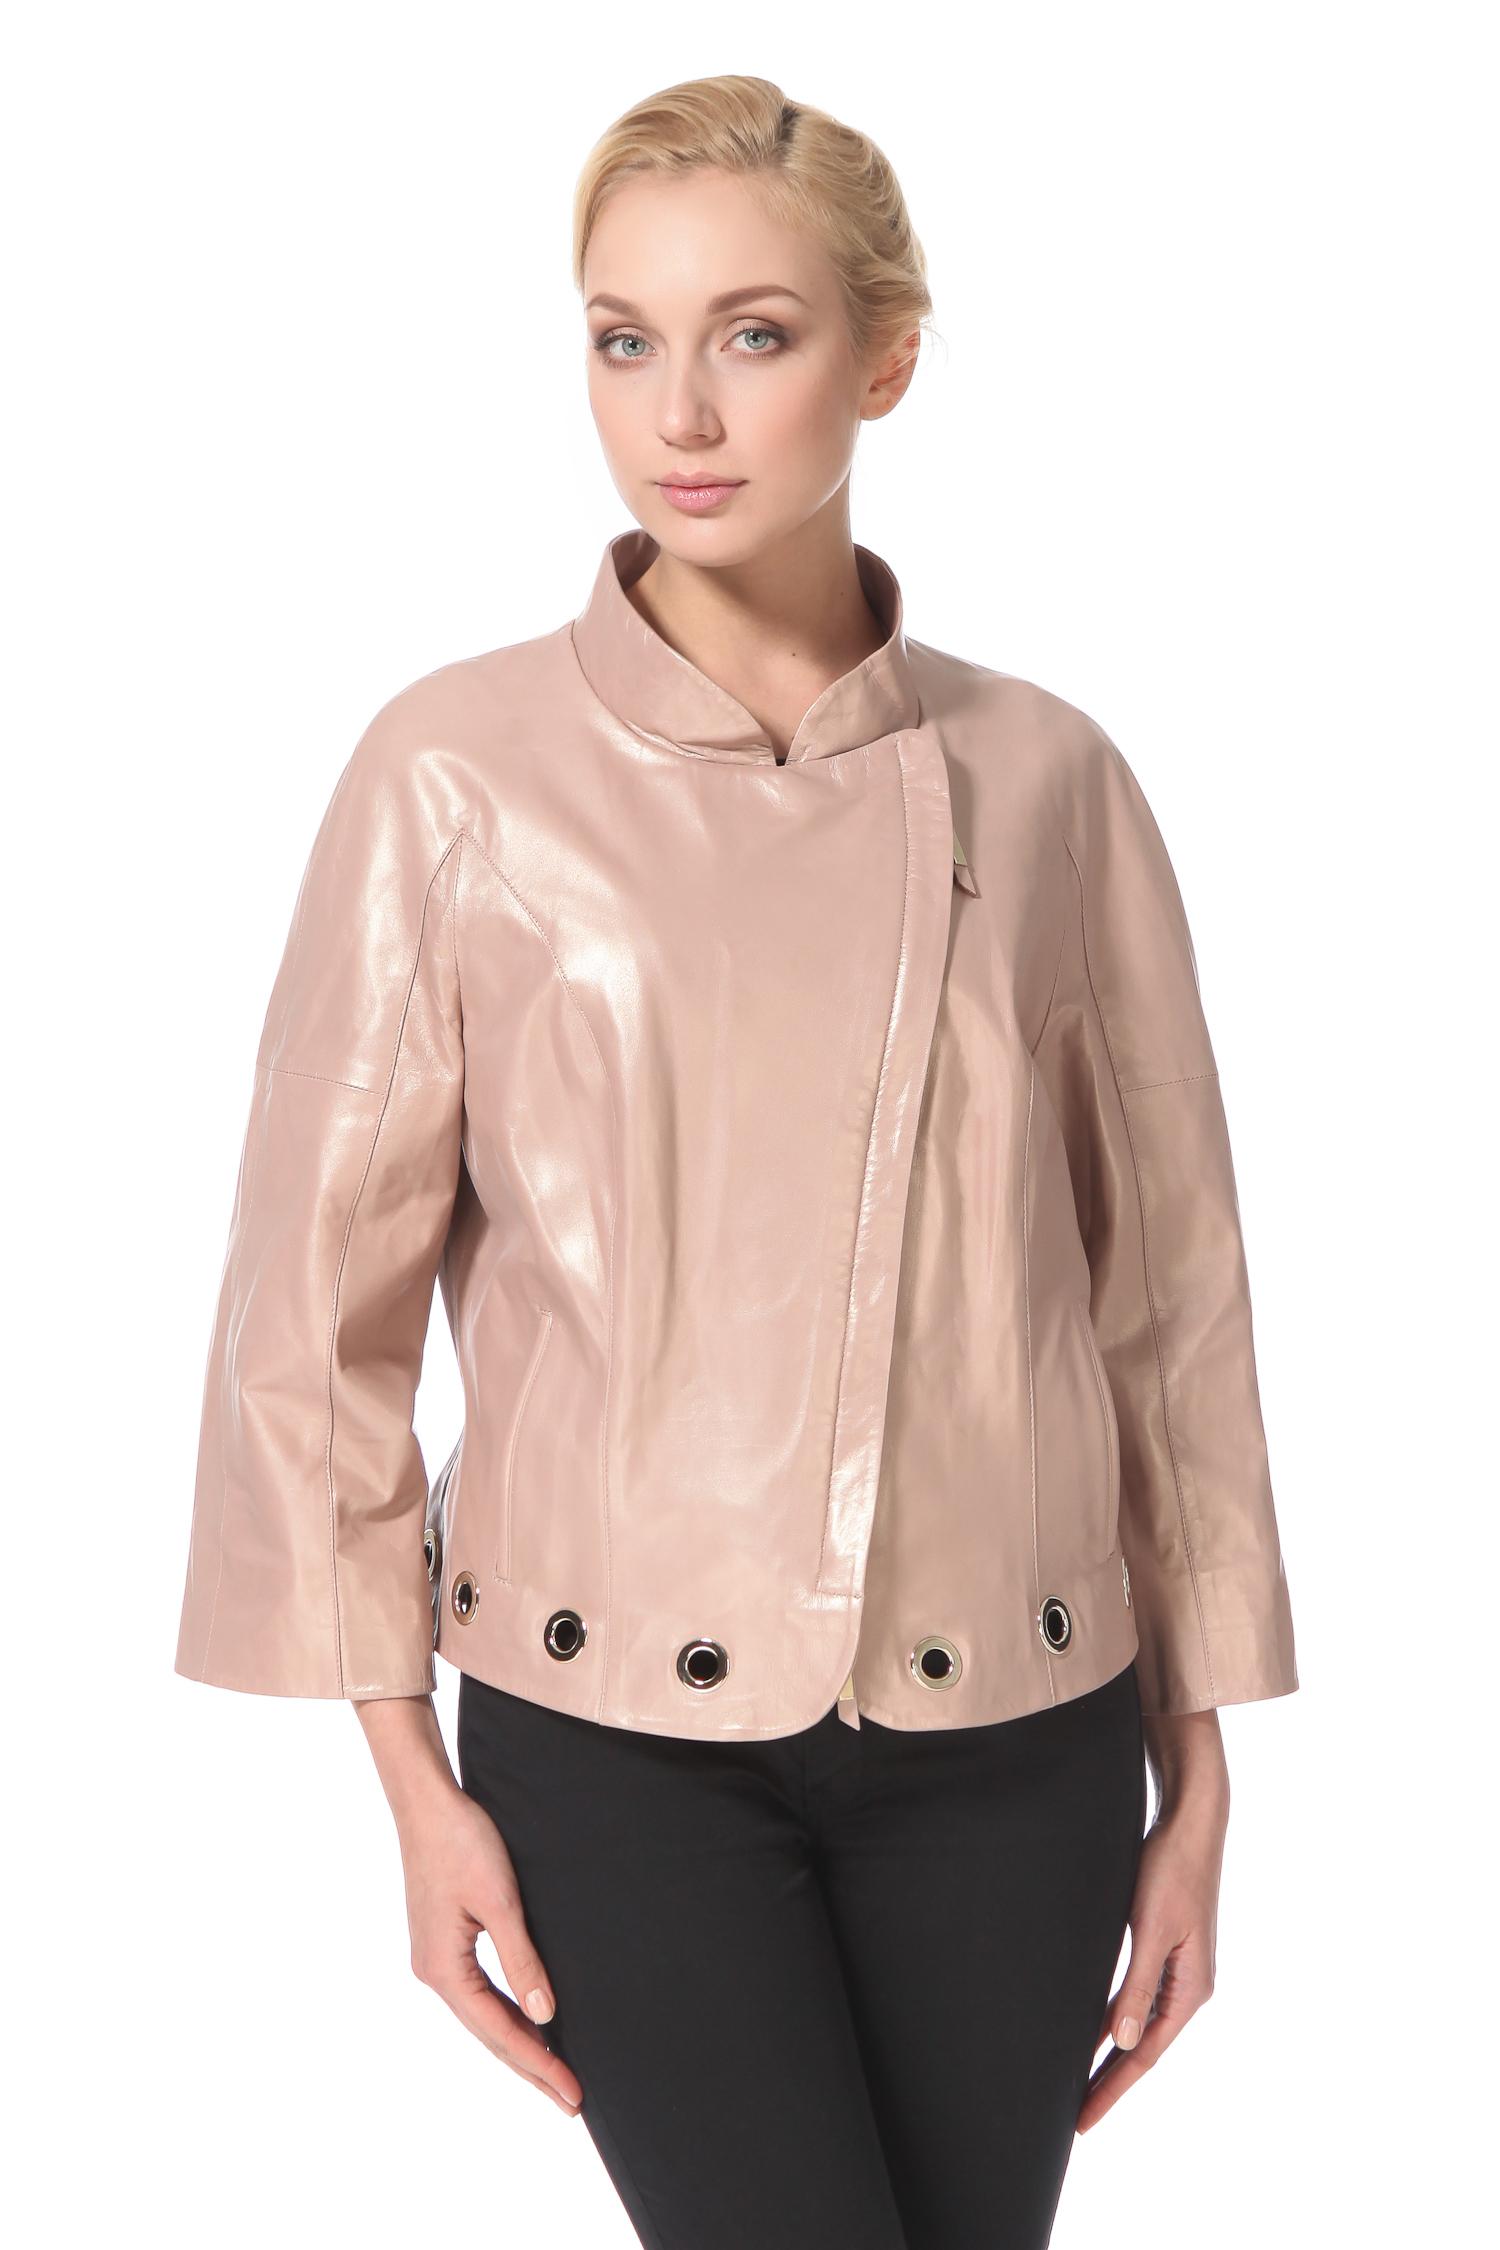 Женская кожаная куртка из натуральной кожи с воротником, без отделки<br><br>Воротник: стойка<br>Длина см: Короткая (51-74 )<br>Материал: Кожа овчина<br>Цвет: бежевый<br>Застежка: на молнии<br>Пол: Женский<br>Размер RU: 52